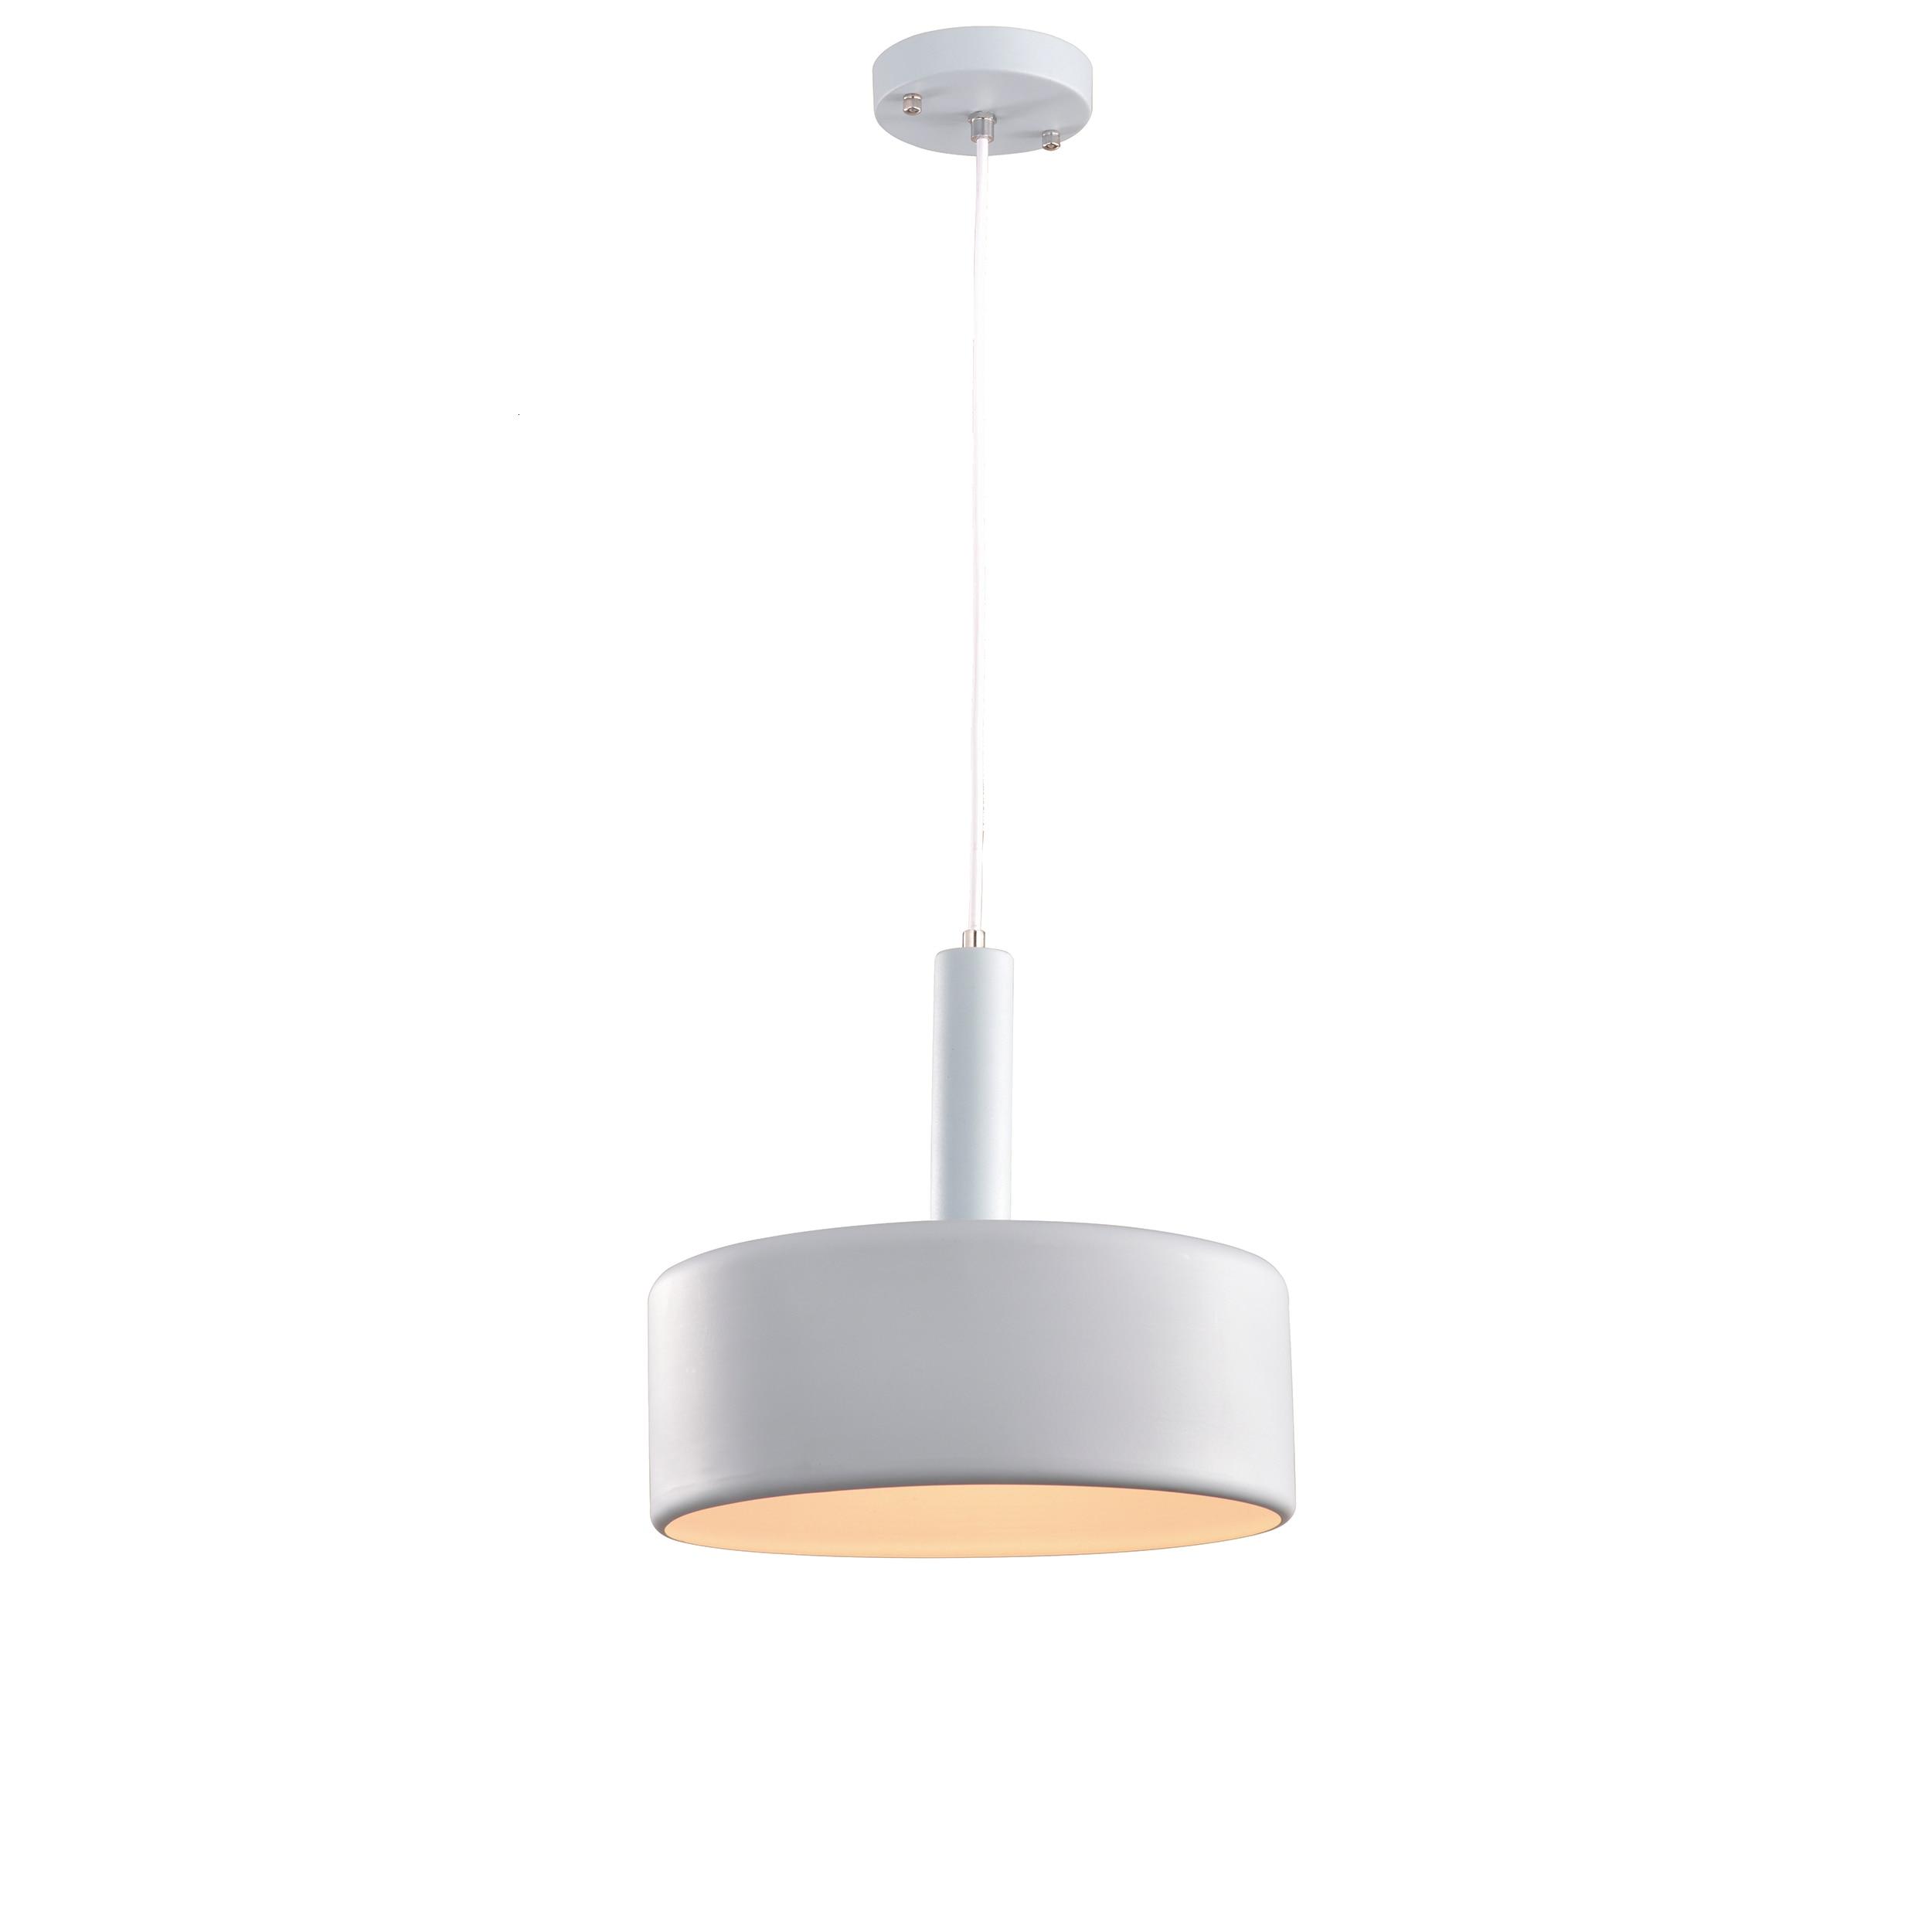 2019 Japón iluminación Bistro lámpara colgante lámpara de hierro sombra restaurante colgante luz cocina araña